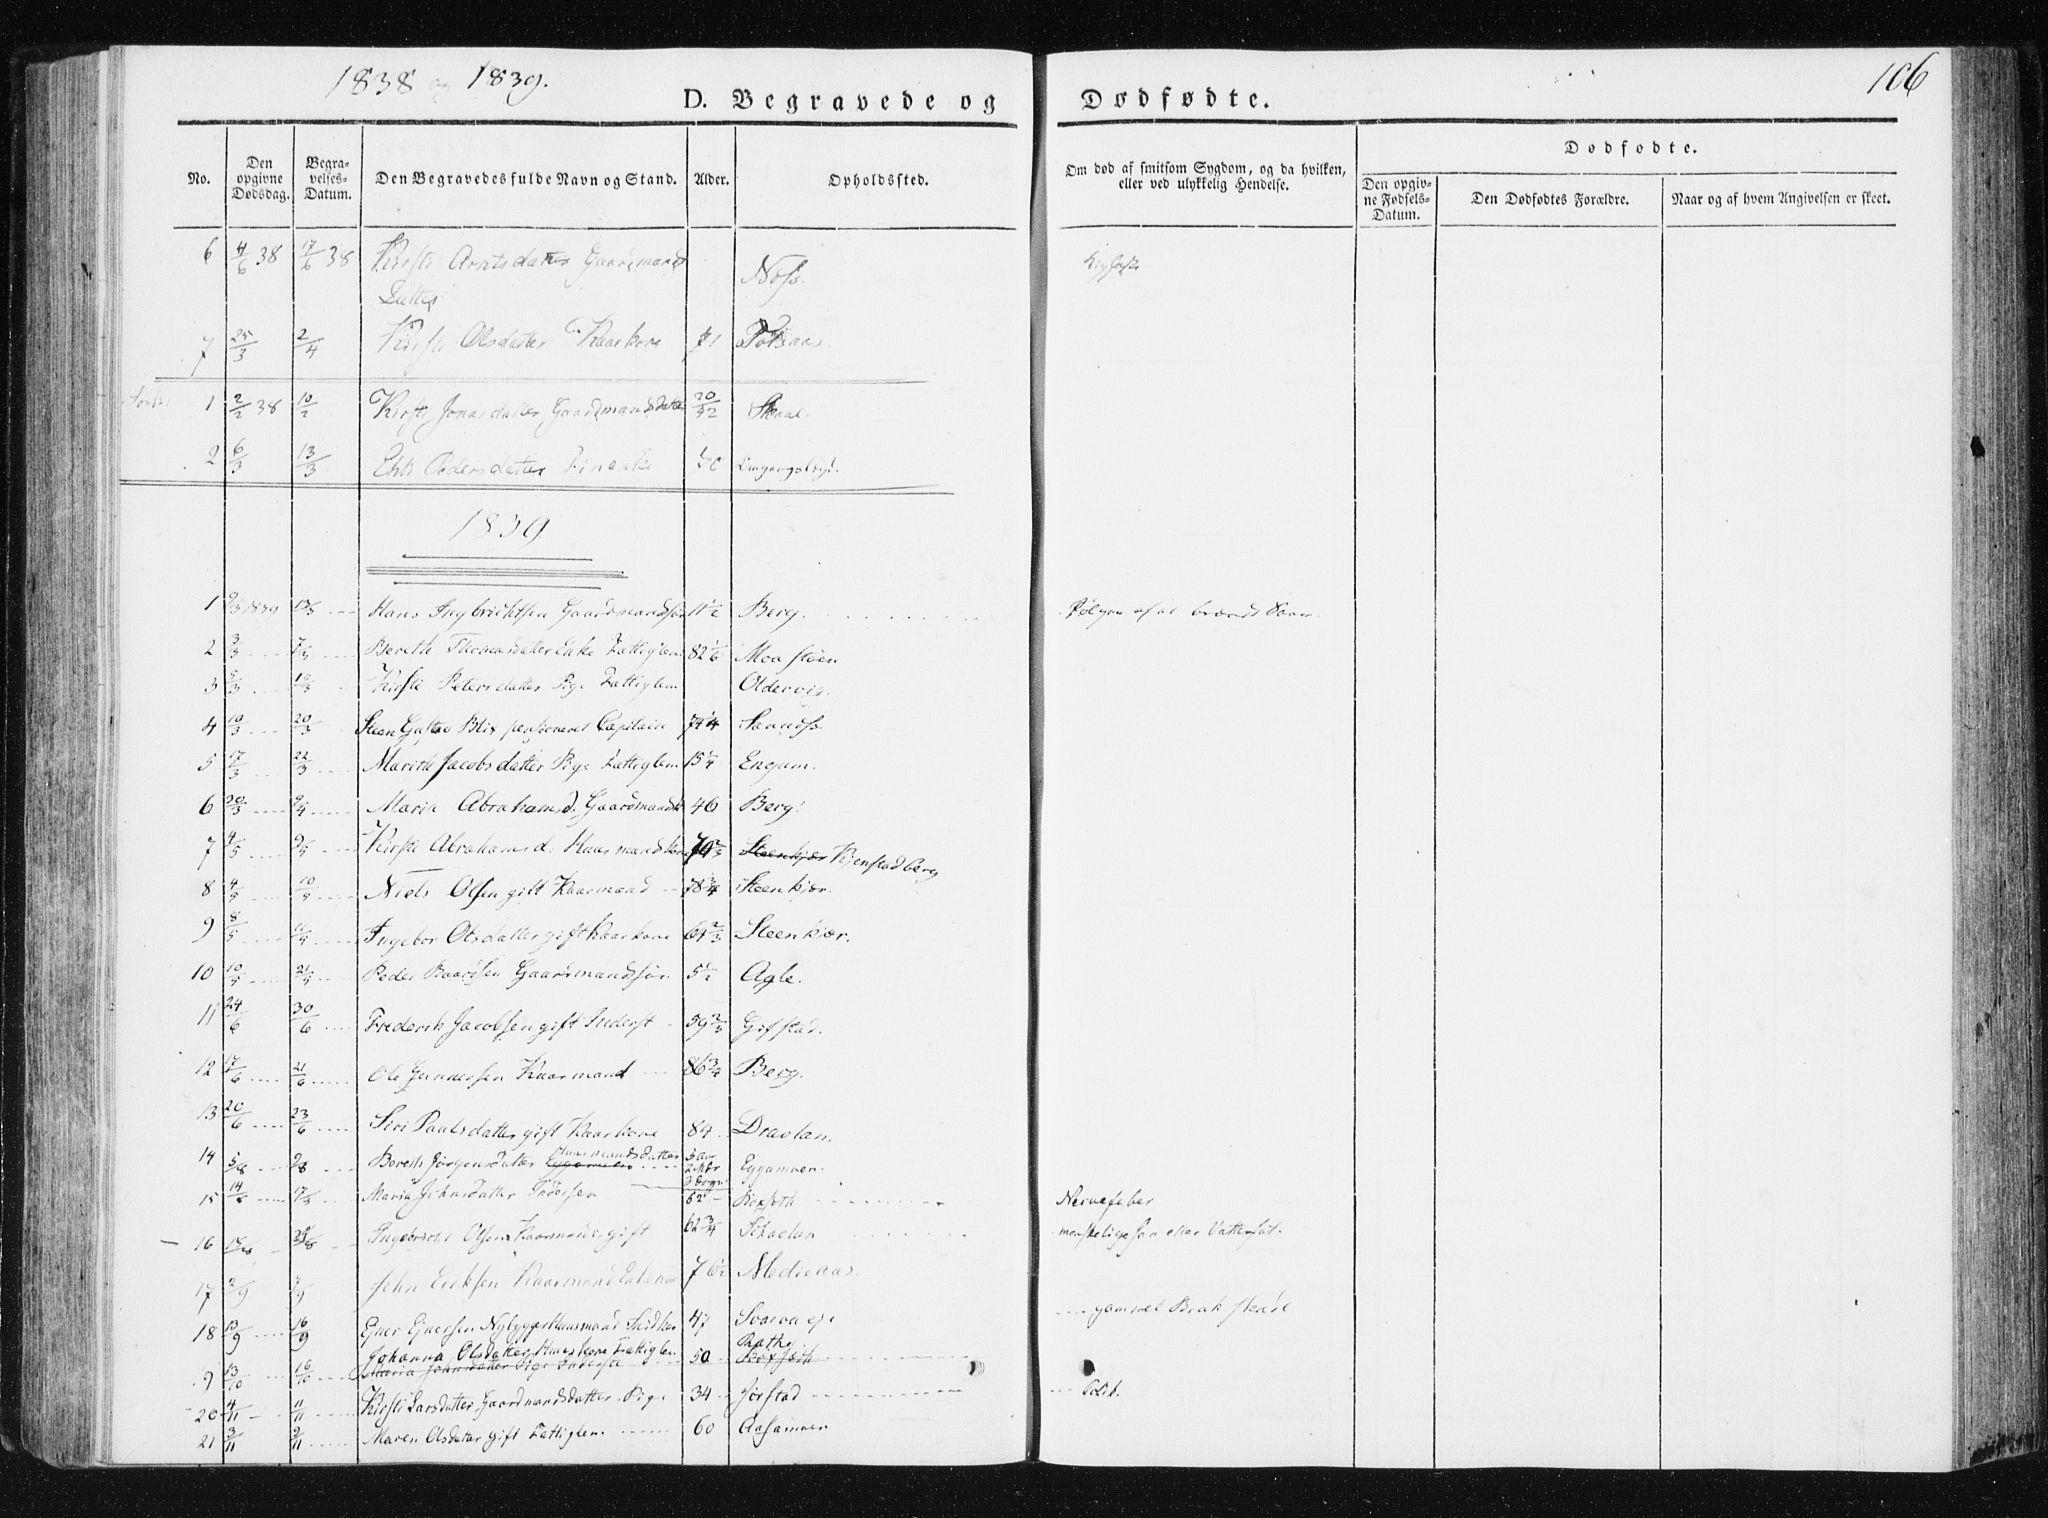 SAT, Ministerialprotokoller, klokkerbøker og fødselsregistre - Nord-Trøndelag, 749/L0470: Ministerialbok nr. 749A04, 1834-1853, s. 106